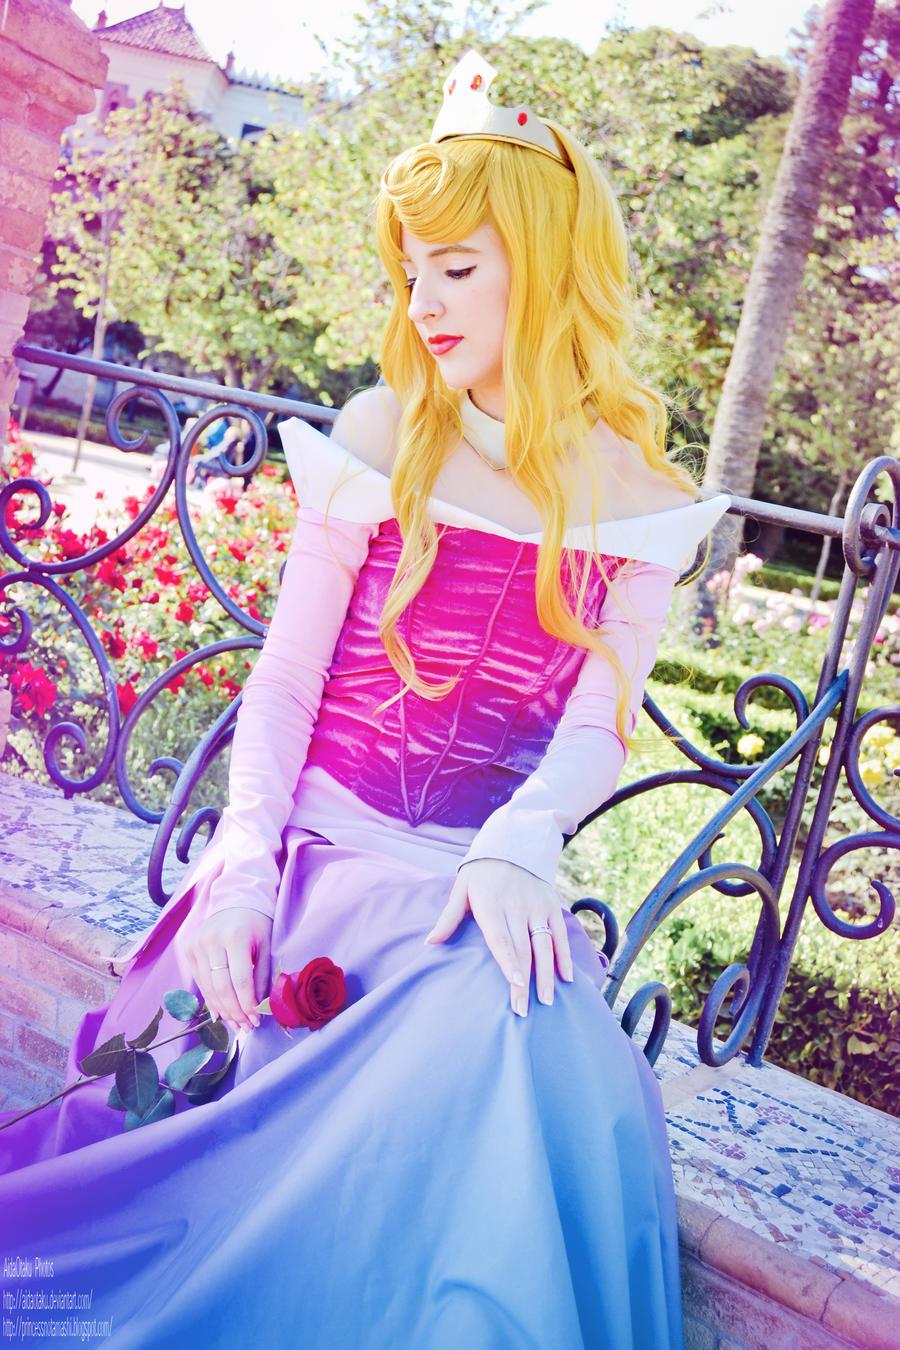 Sleeping Beauty - Always waiting by AidaOtaku